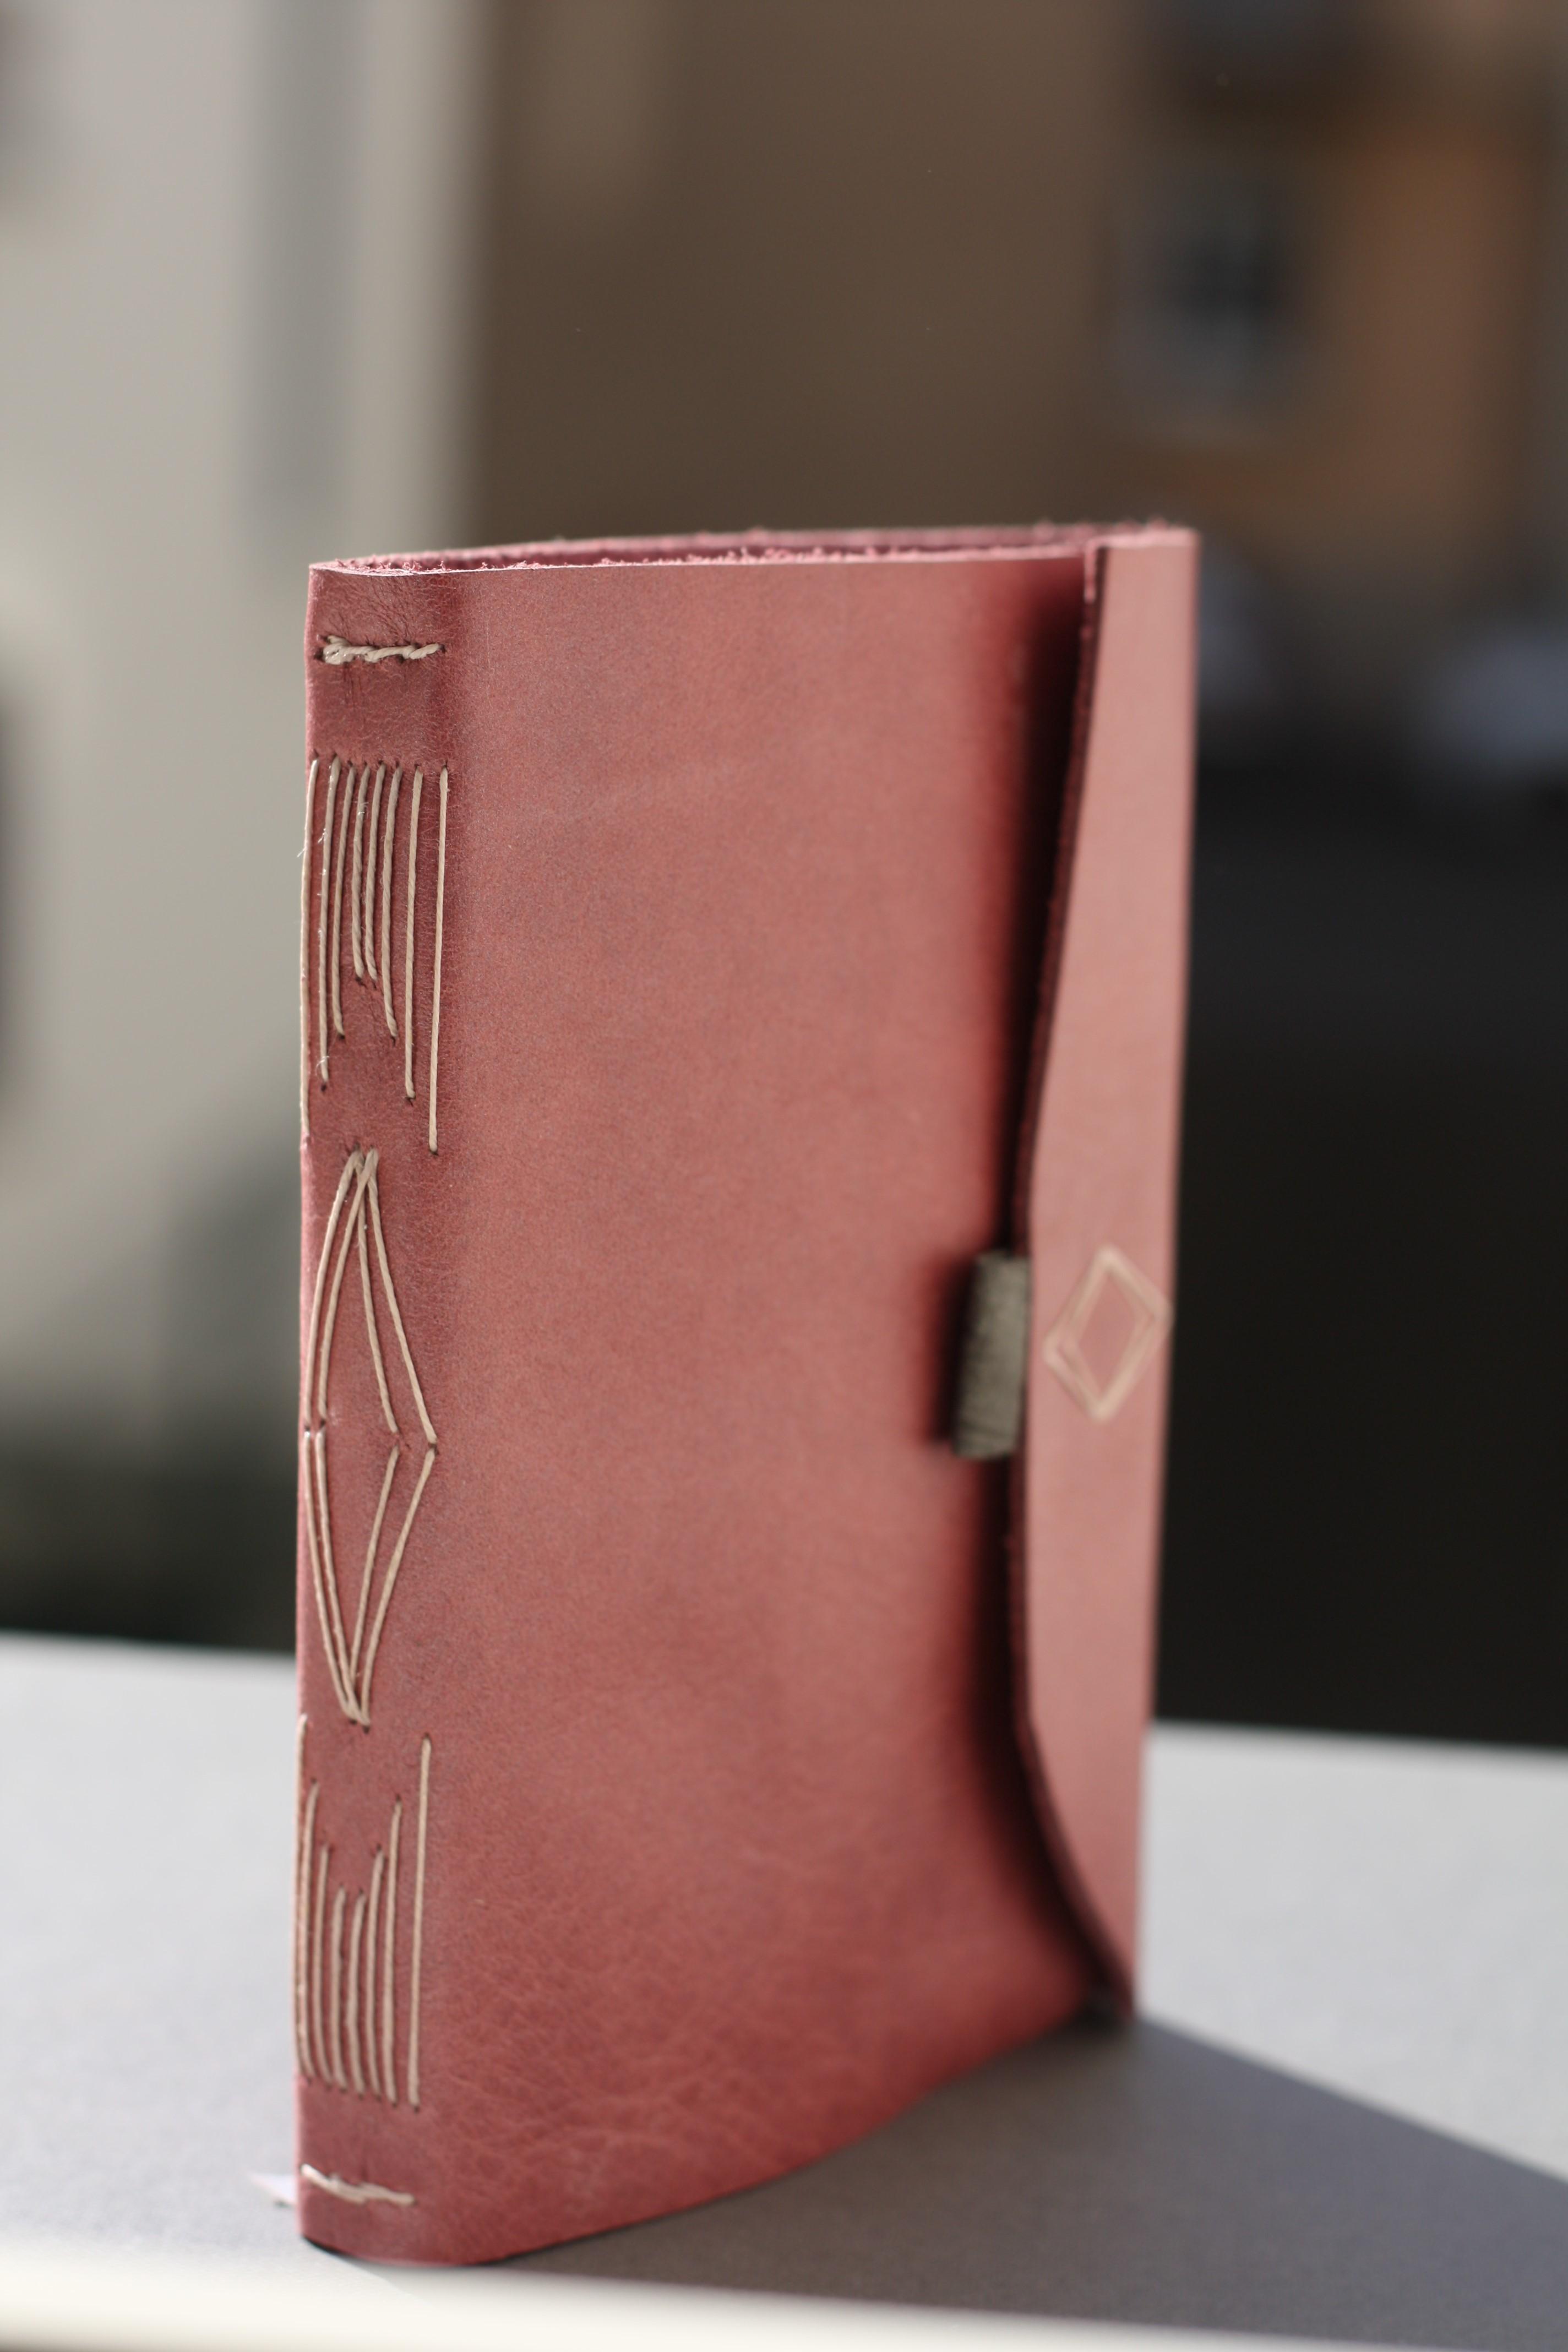 Agenda reliure souple cuir (non amovible)